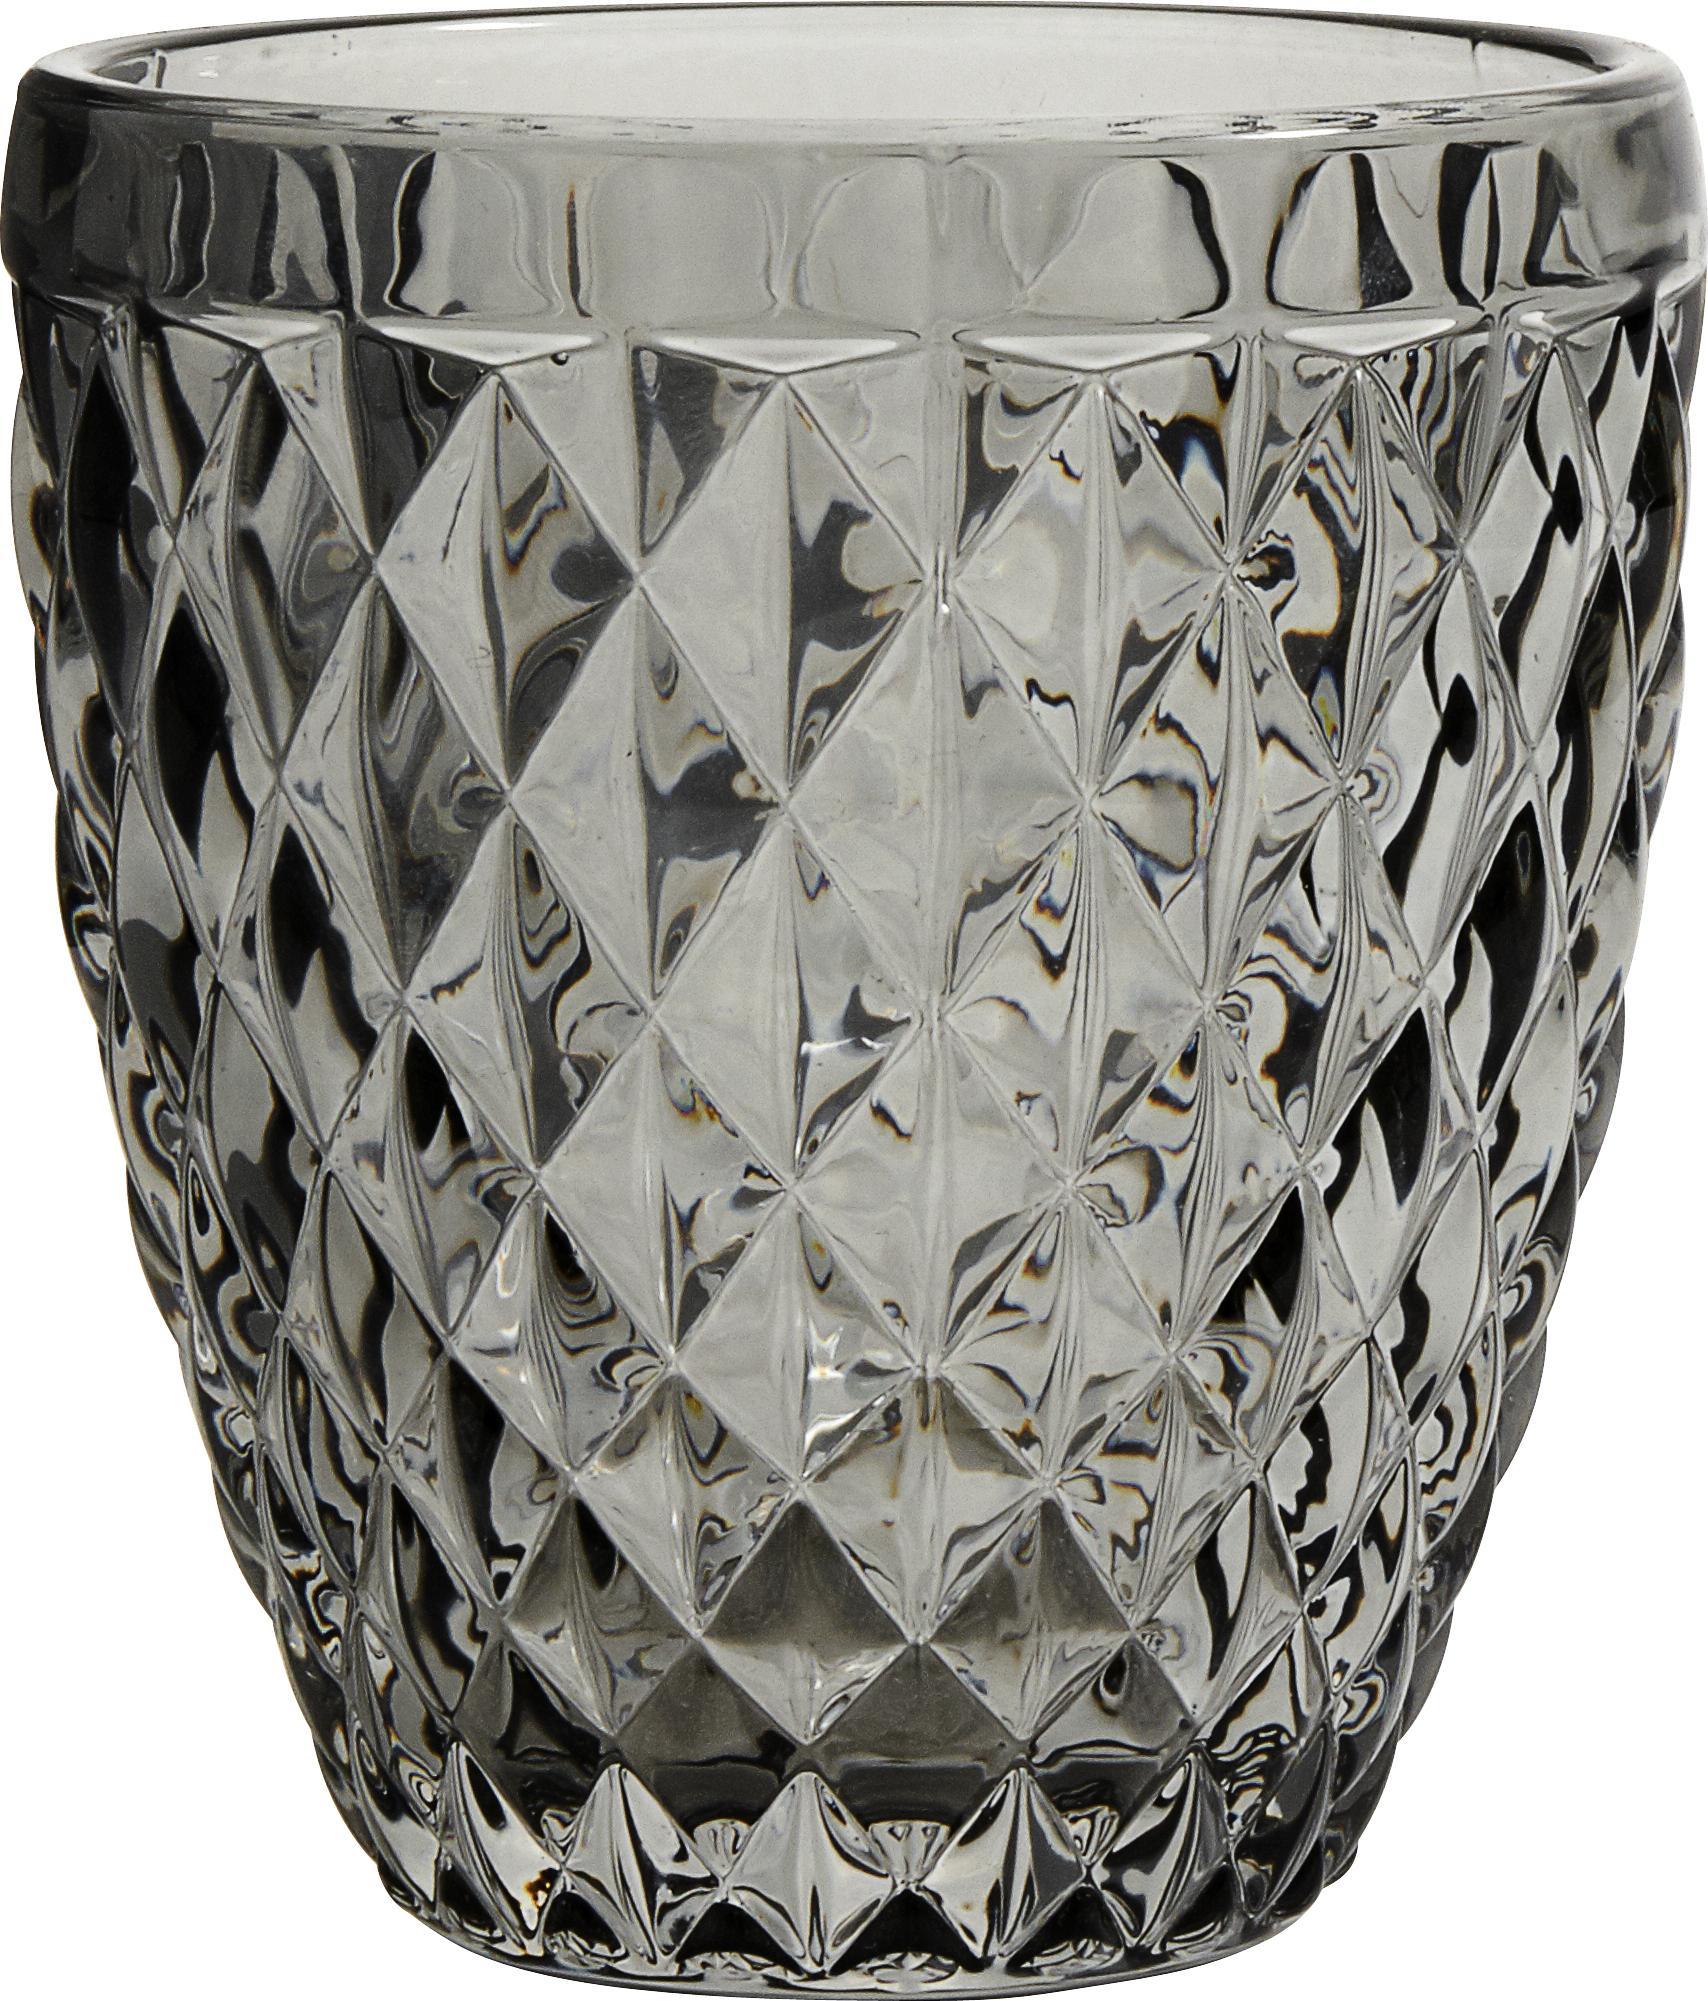 Verres à eau vintage à motifs embossés Diamant, 6pièces, Fumé, translucide